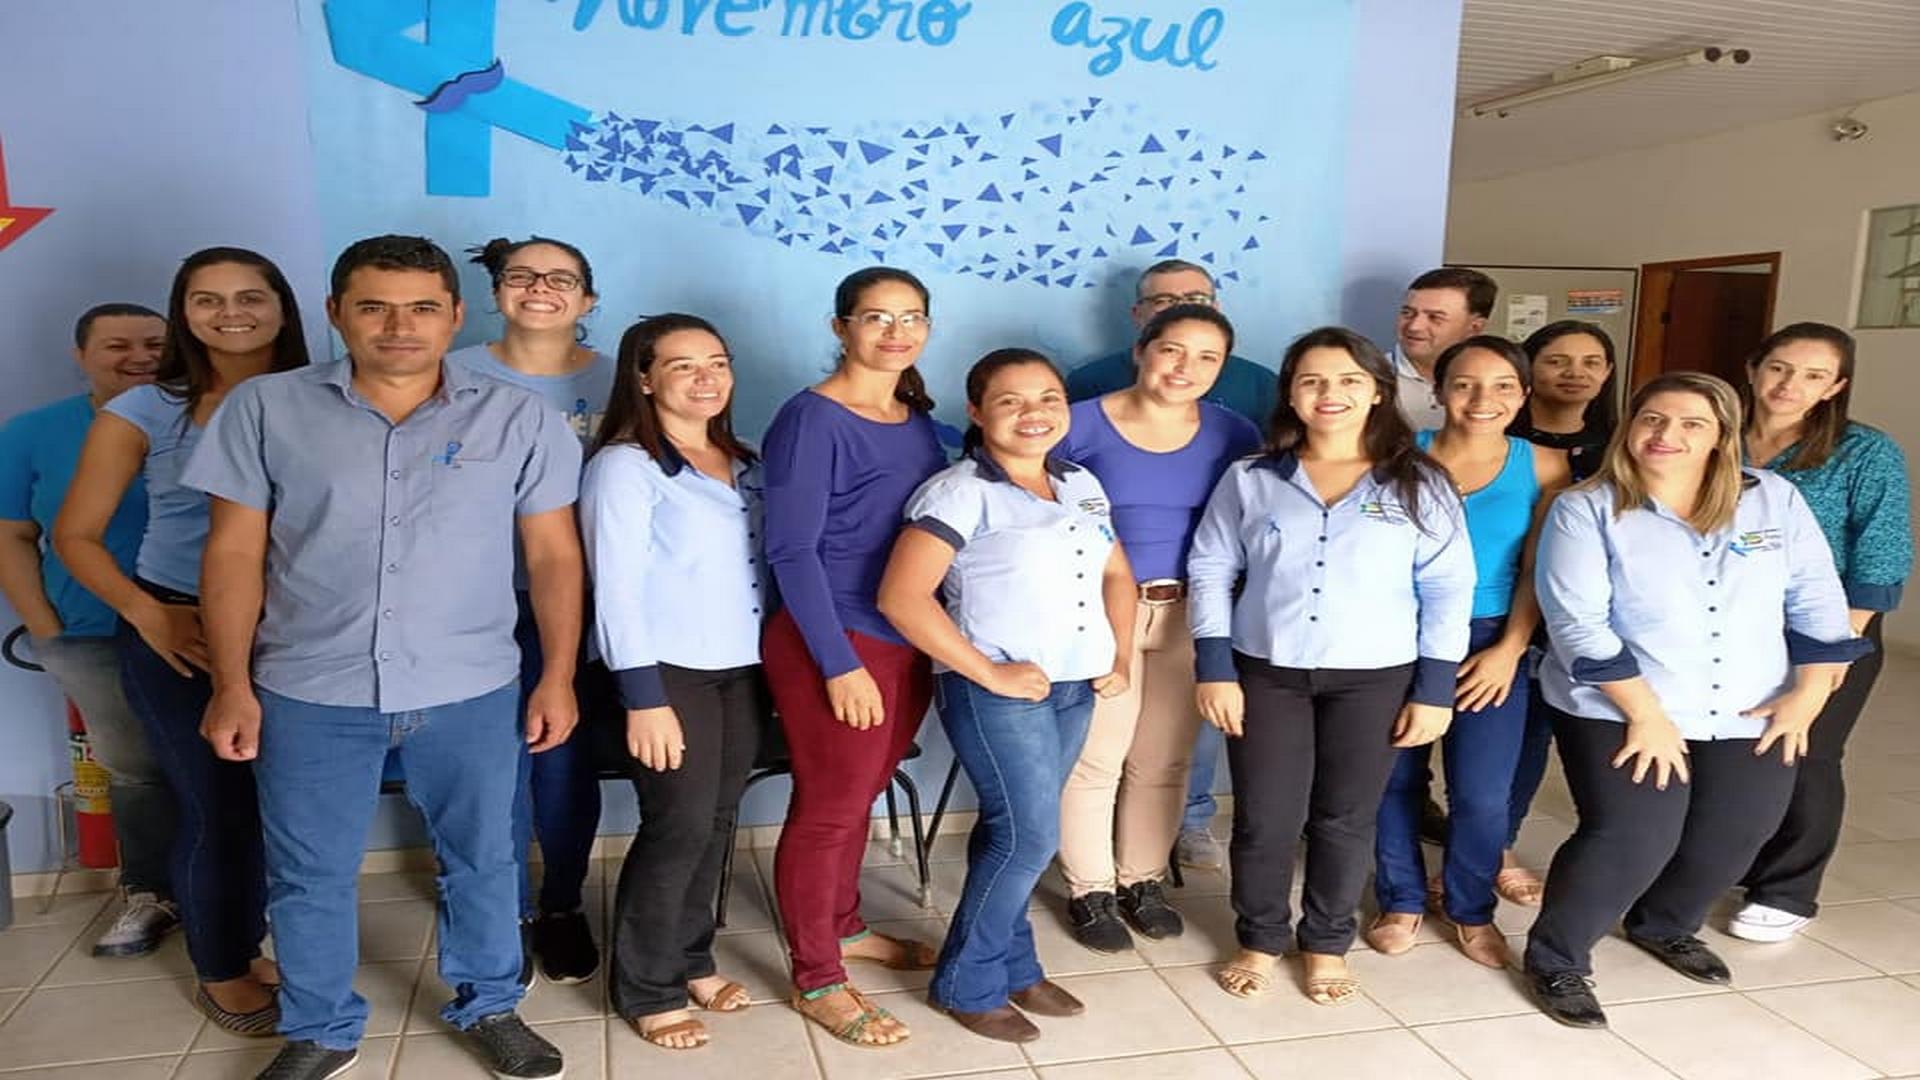 SERVIDORES PÚBLICOS DA PREFEITURA DE ARAPONGA ADEREM CAMPANHA DO NOVEMBRO AZUL !!!